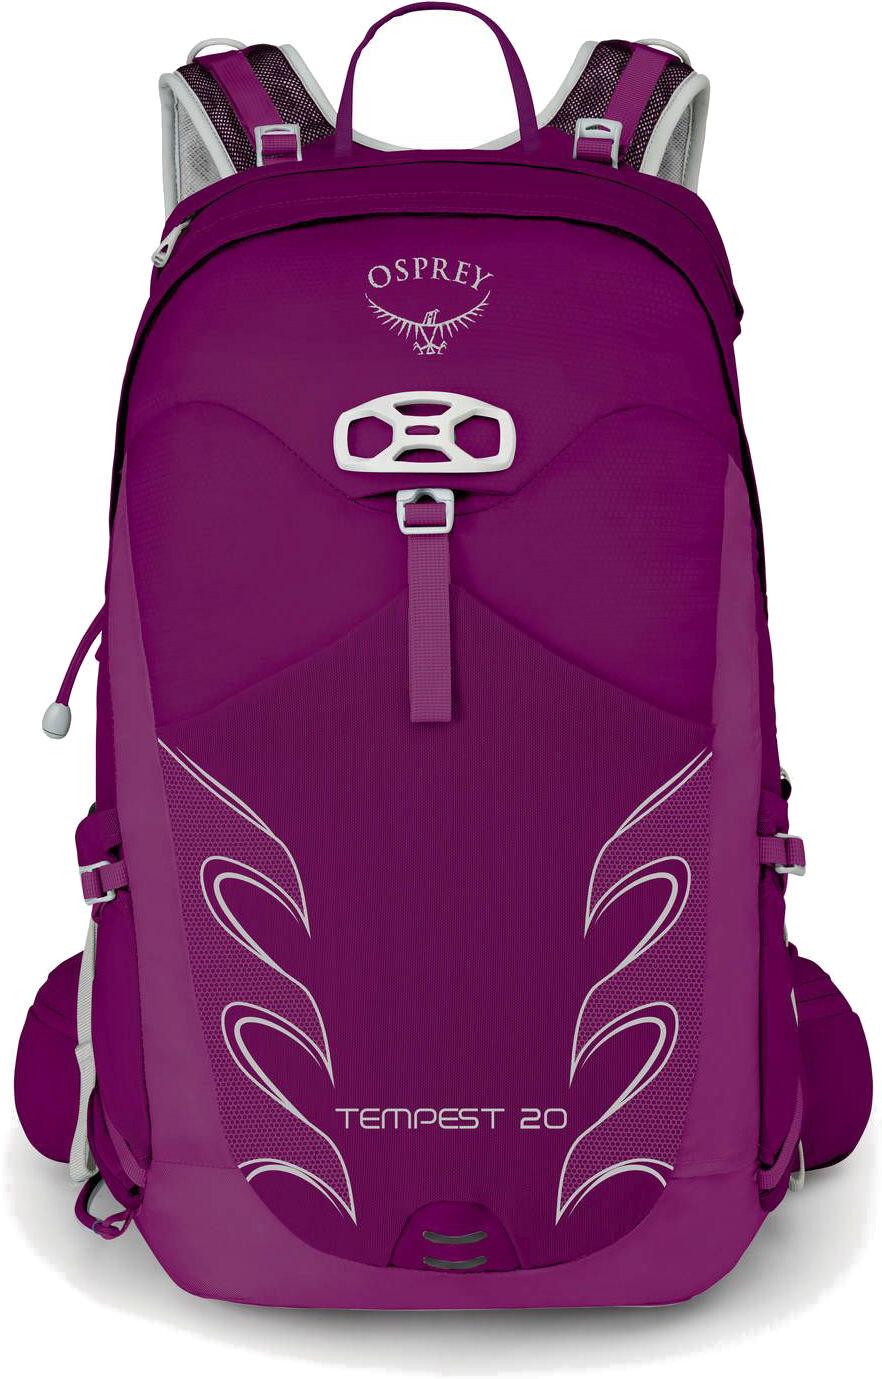 Osprey Tempest 20 Backpack Dam